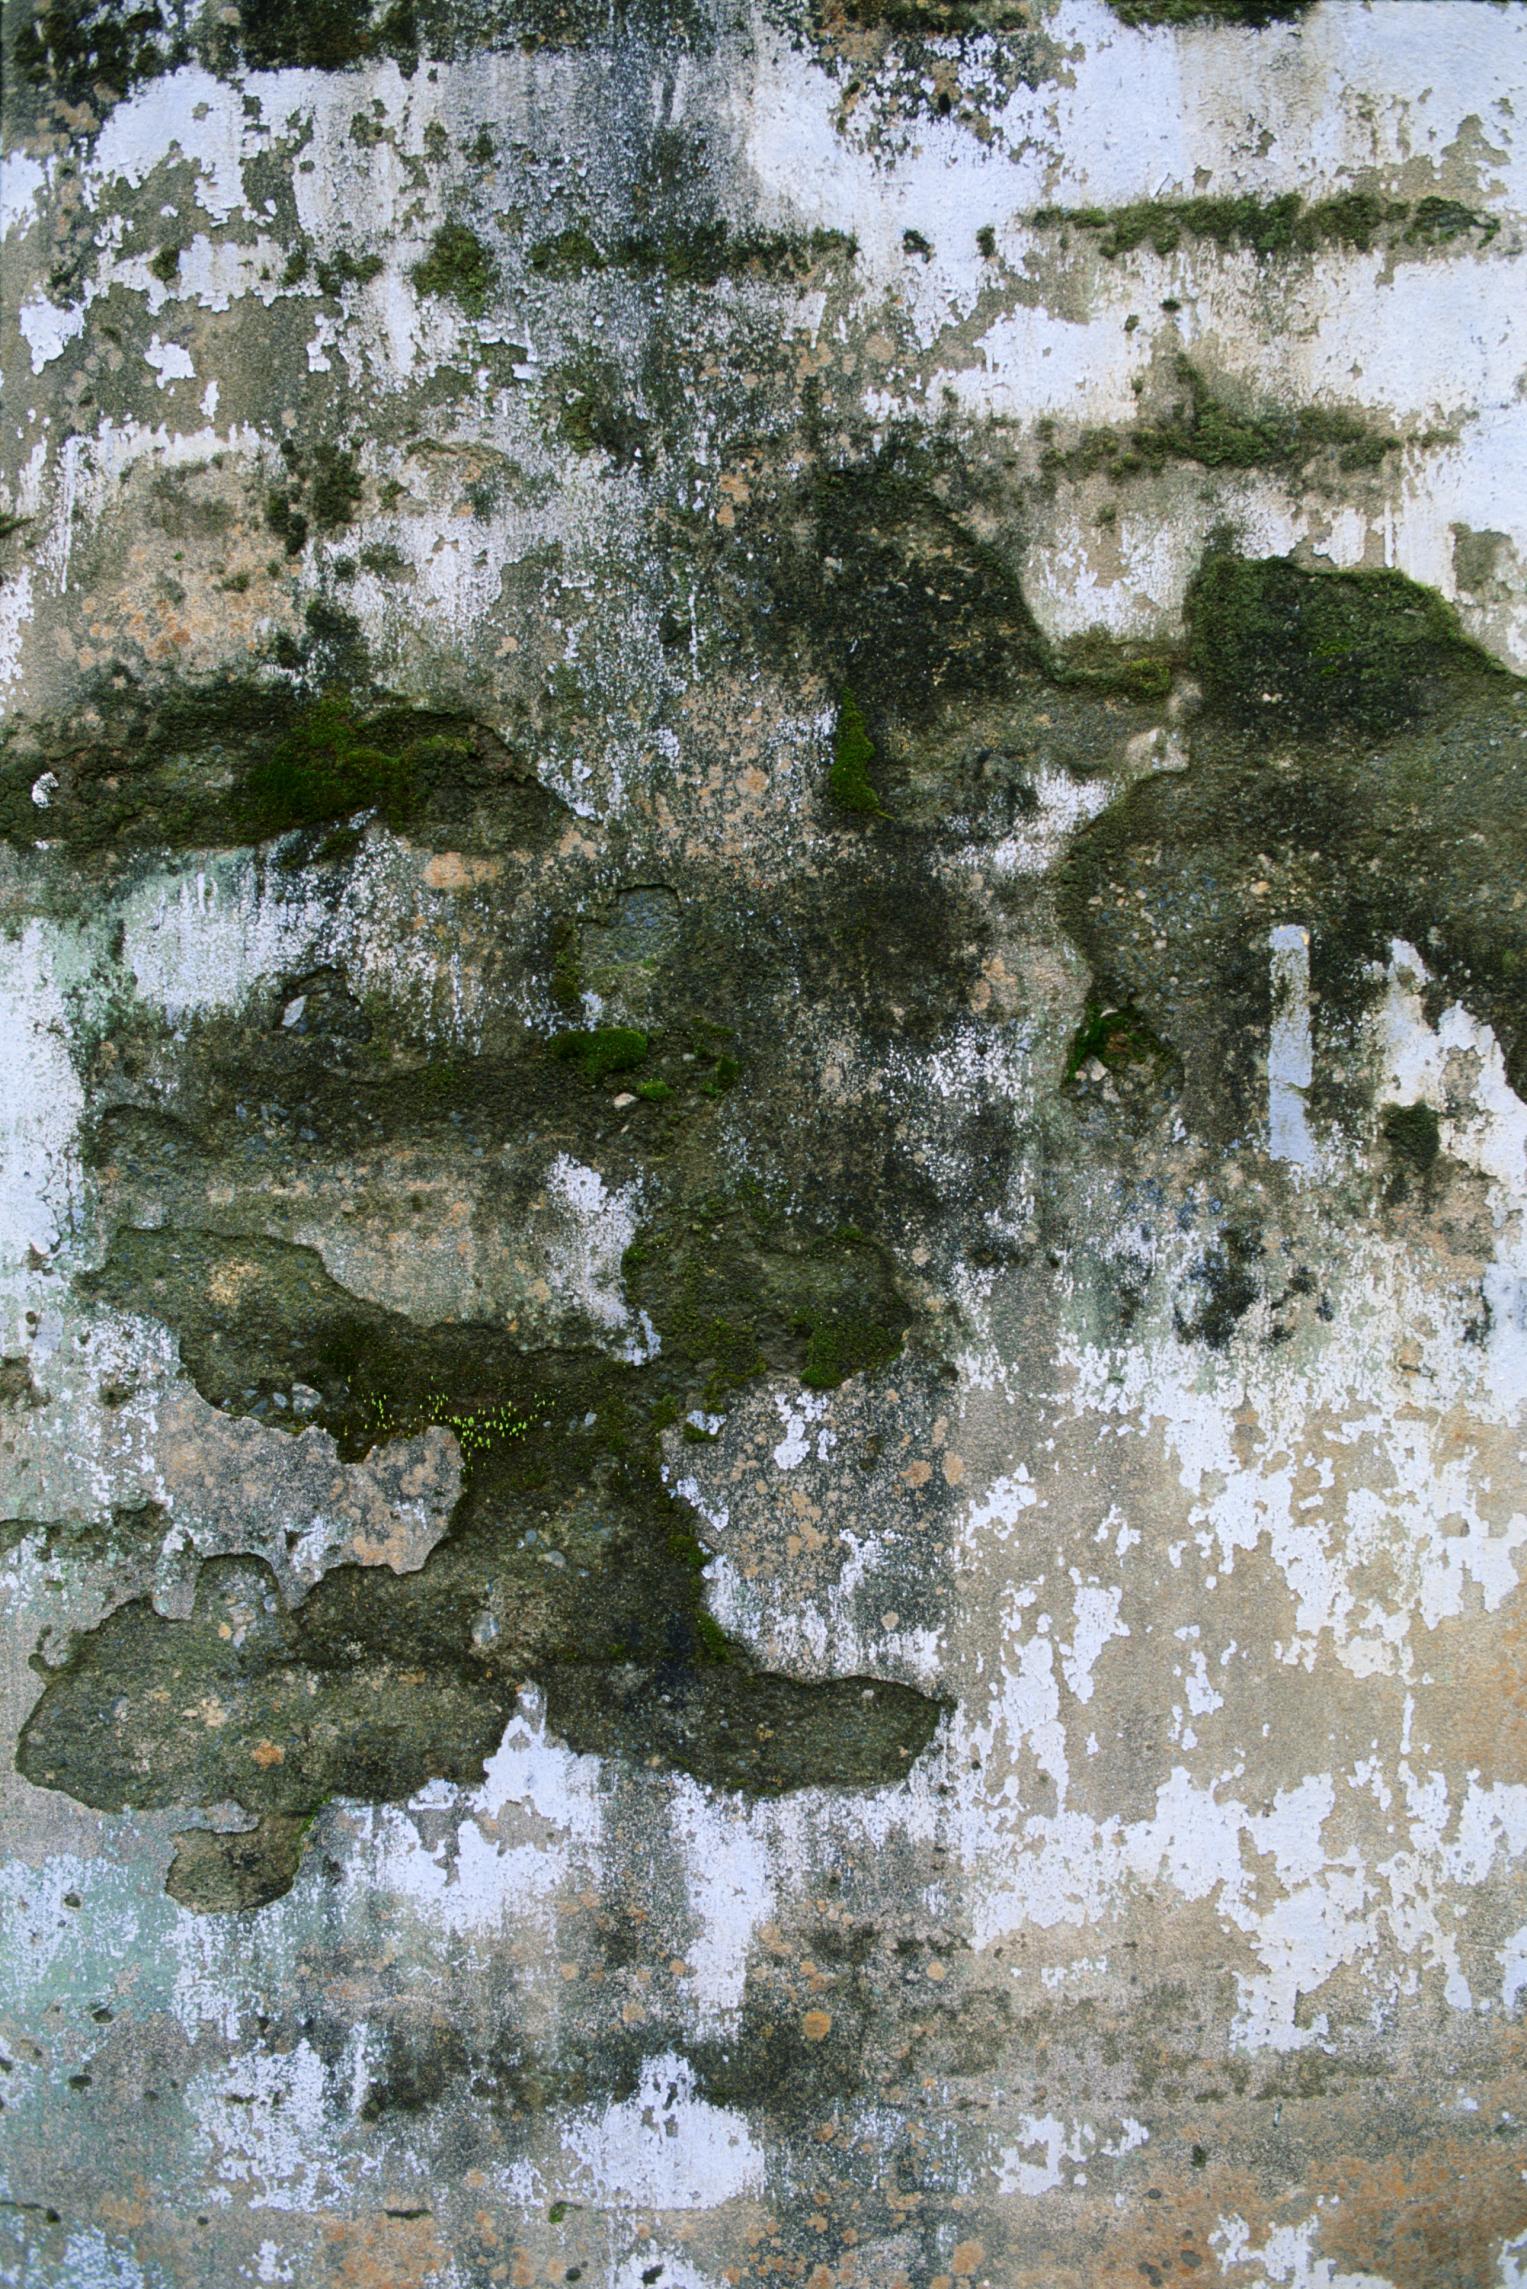 Limpiar Aluminio Ventanas Aunque Suelen Quedar Ms En El Olvido Es  ~ Como Limpiar Los Rieles De Las Ventanas